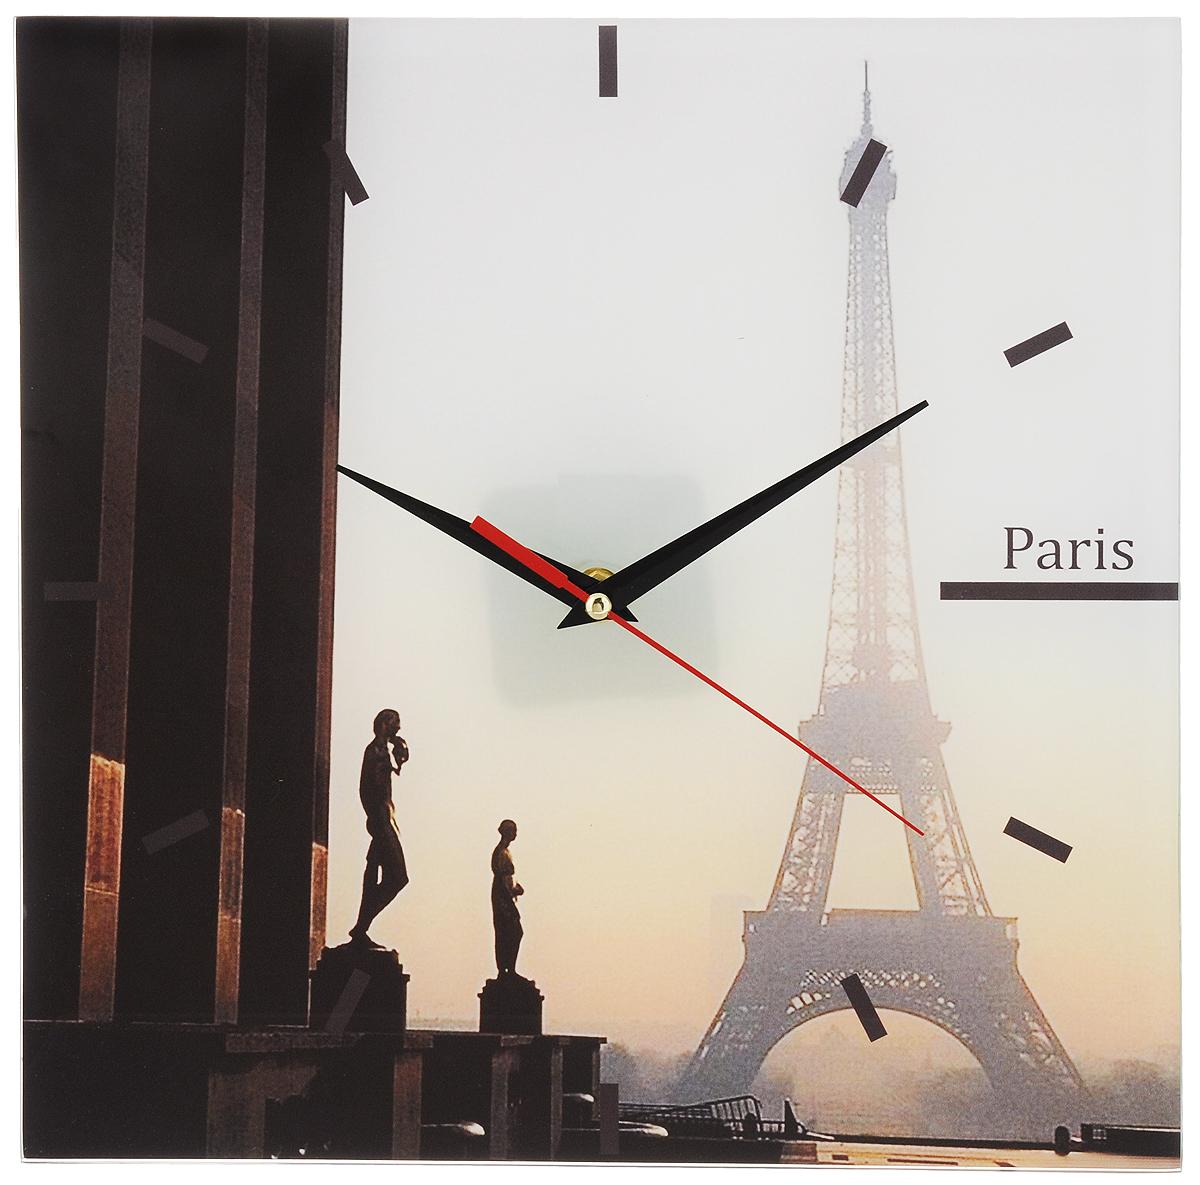 Часы настенные Paris, стеклянные, цвет: мульти. 95301300074_ежевикаОригинальные настенные часы Paris выполнены из стекла и оформлены изображением Парижа. Часы имеют три стрелки - часовую, минутную и секундную. Циферблат часов не защищен. Необычное дизайнерское решение и качество исполнения придутся по вкусу каждому. Оформите совой дом таким интерьерным аксессуаром или преподнесите его в качестве презента друзьям, и они оценят ваш оригинальный вкус и неординарность подарка. Характеристики:Материал: пластик, стекло. Размер: 28 см x 28 см x 2 см. Размер упаковки: 30 см х 30 см х 4,5 см. Артикул: 95301. Работают от батарейки типа АА (в комплект не входит).